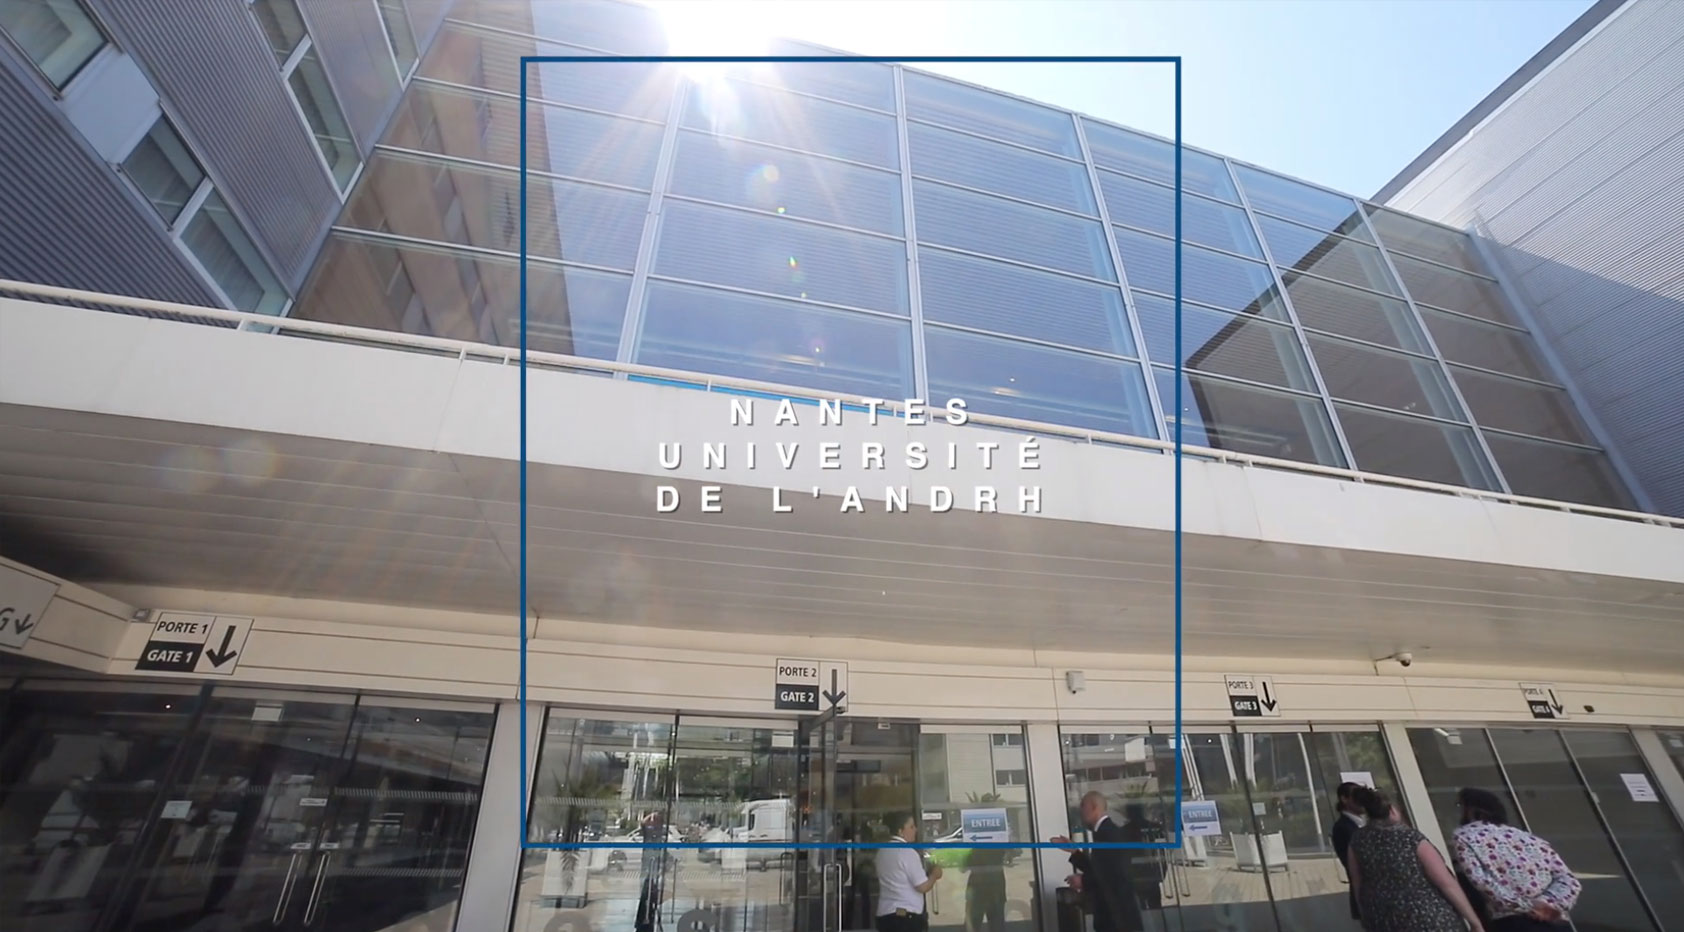 Nantes Université de L'Andrh